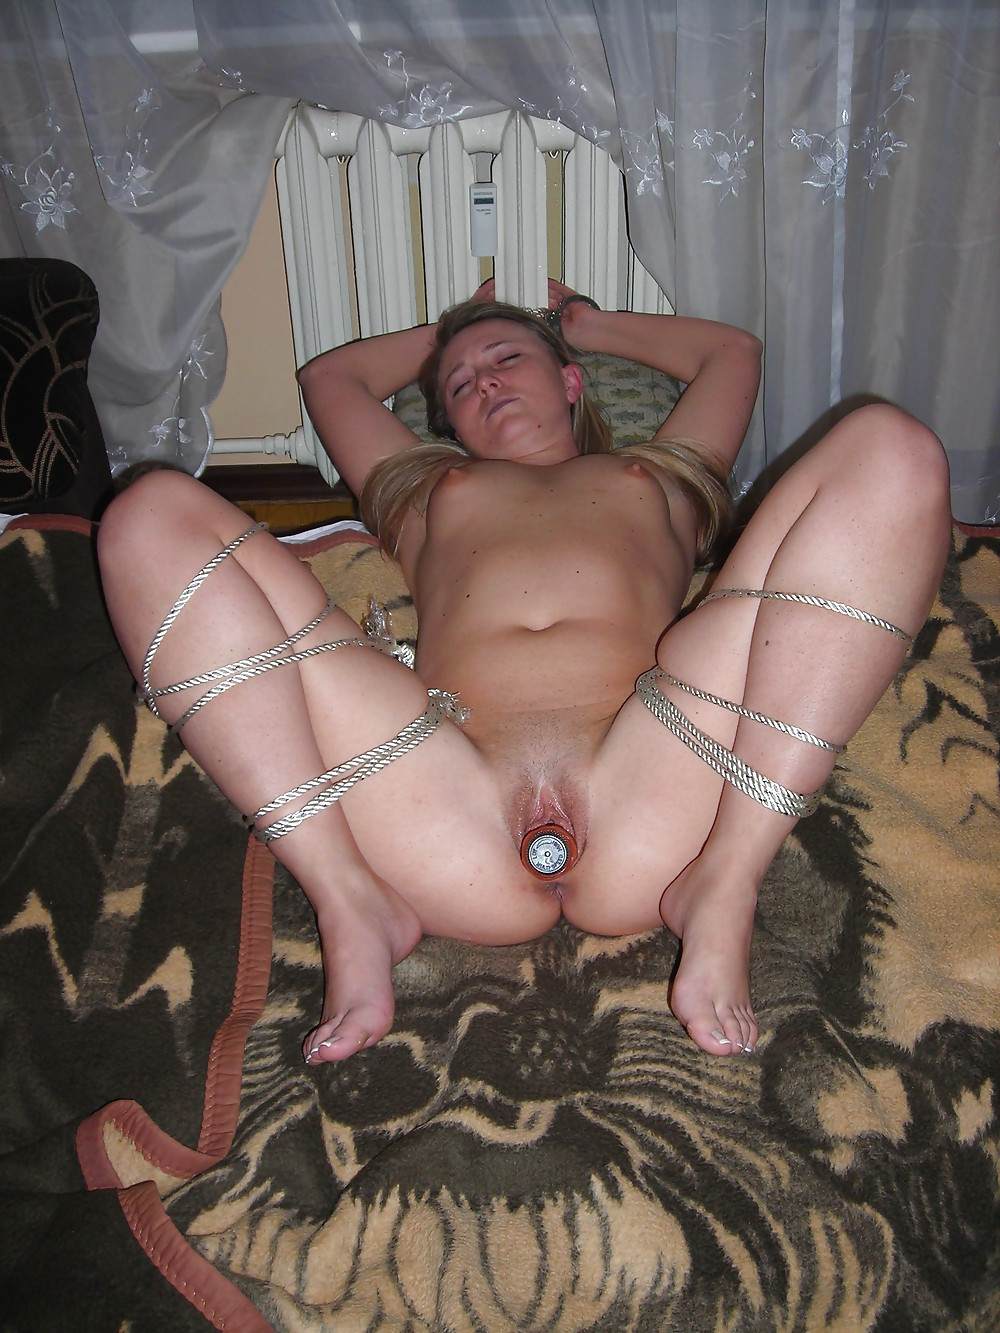 porno-smotret-intimnie-porno-foto-izvrashennih-dam